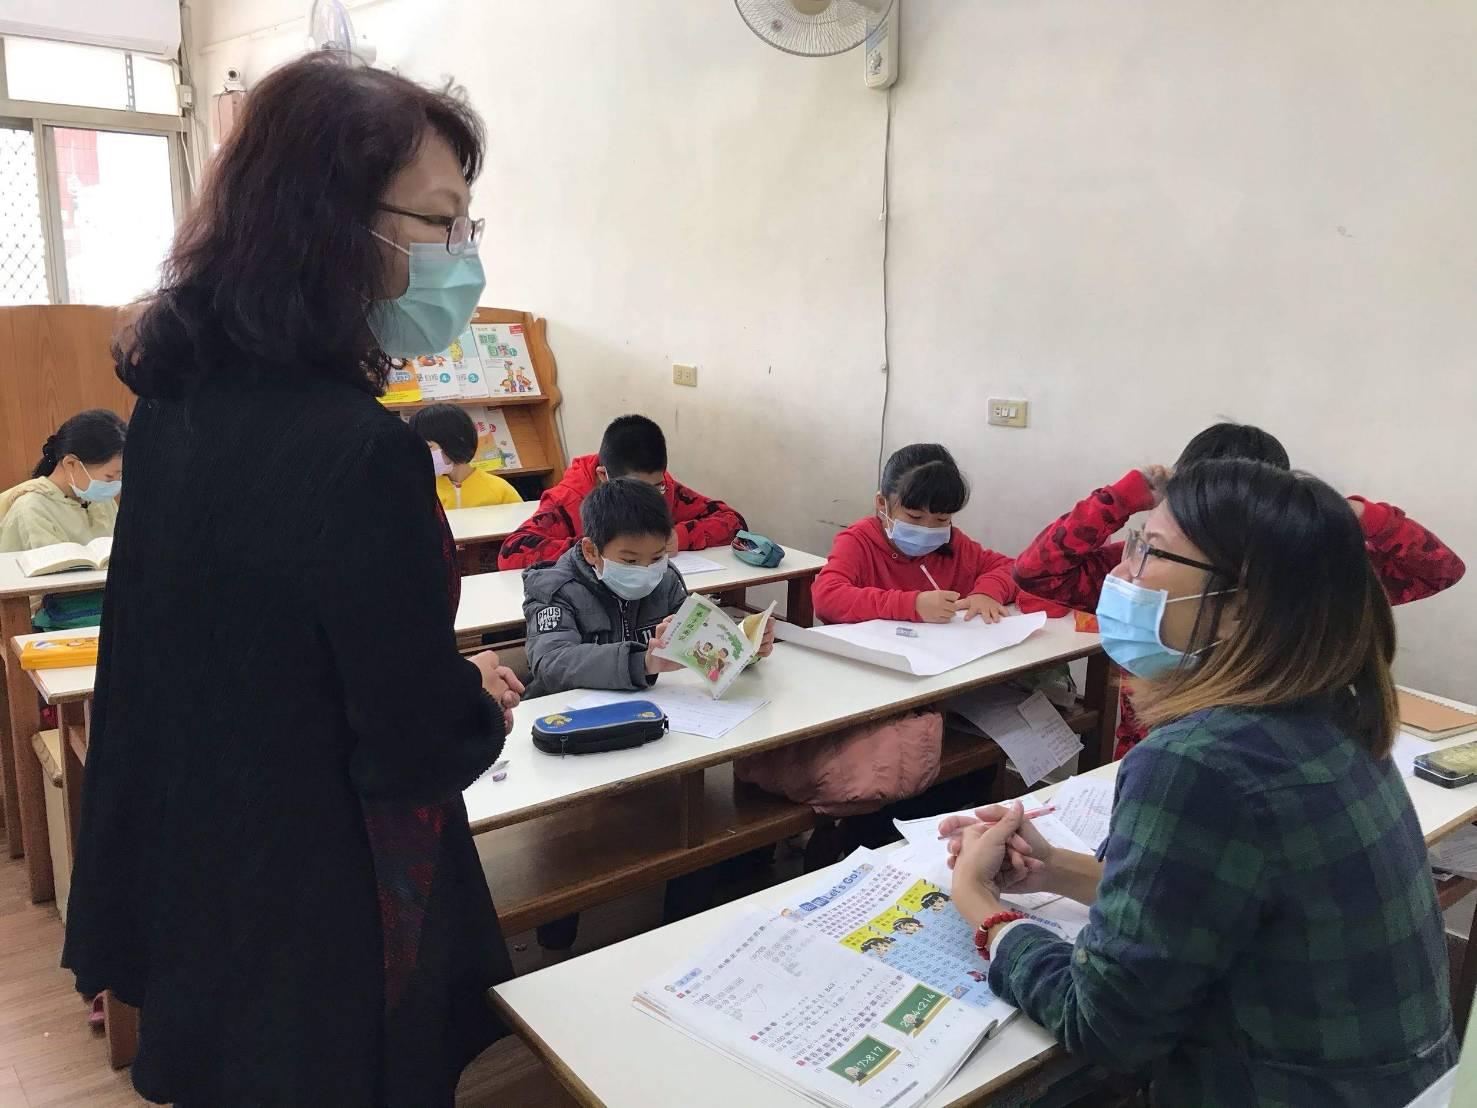 縣府防疫嚴把關 孩童安心樂學習